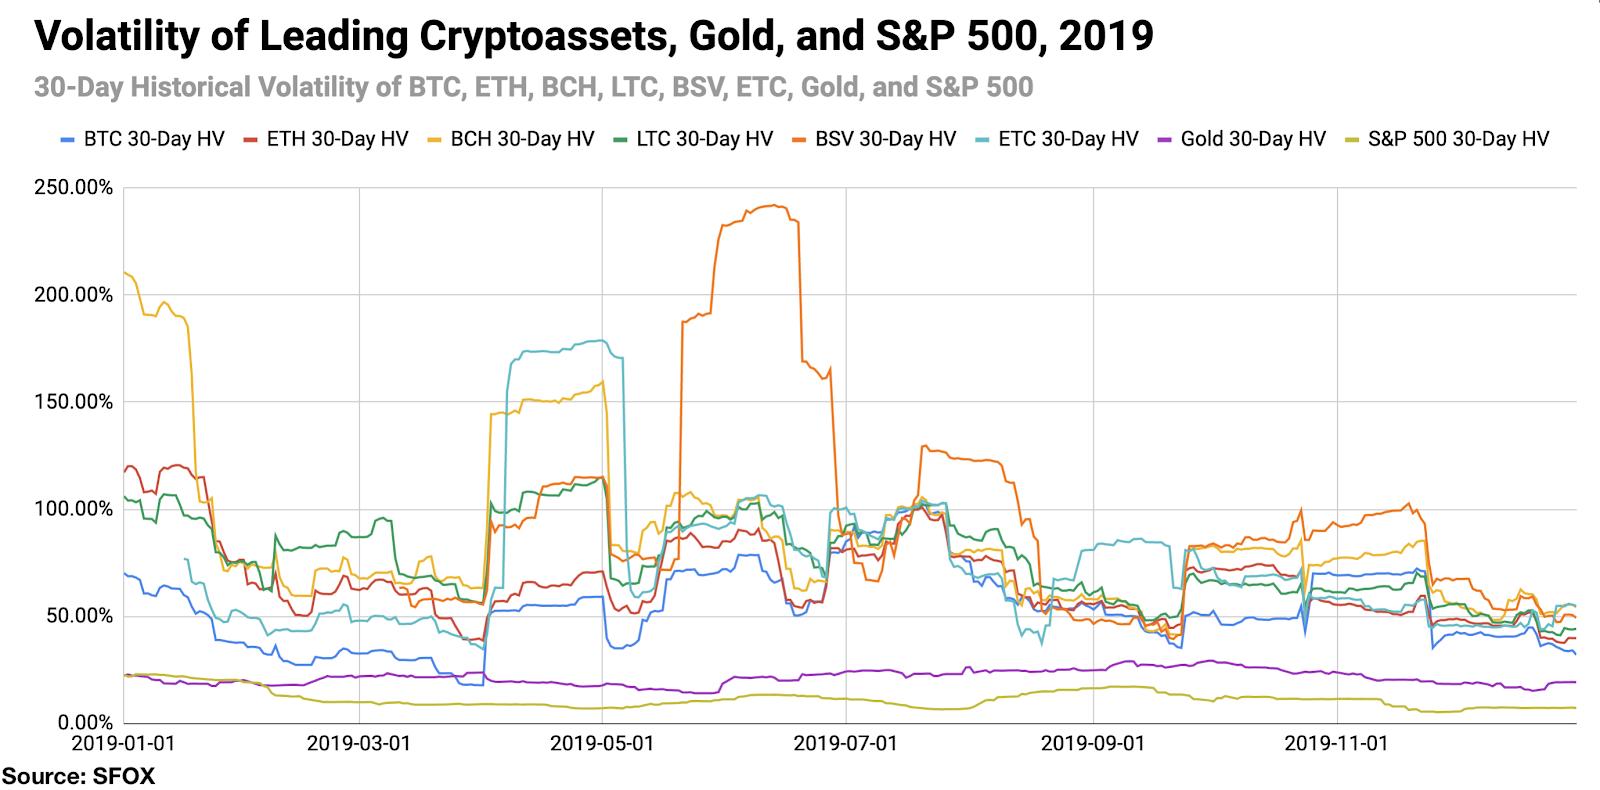 Исследование: Волатильность биткоина в 2019 году оставалась на историческом минимуме